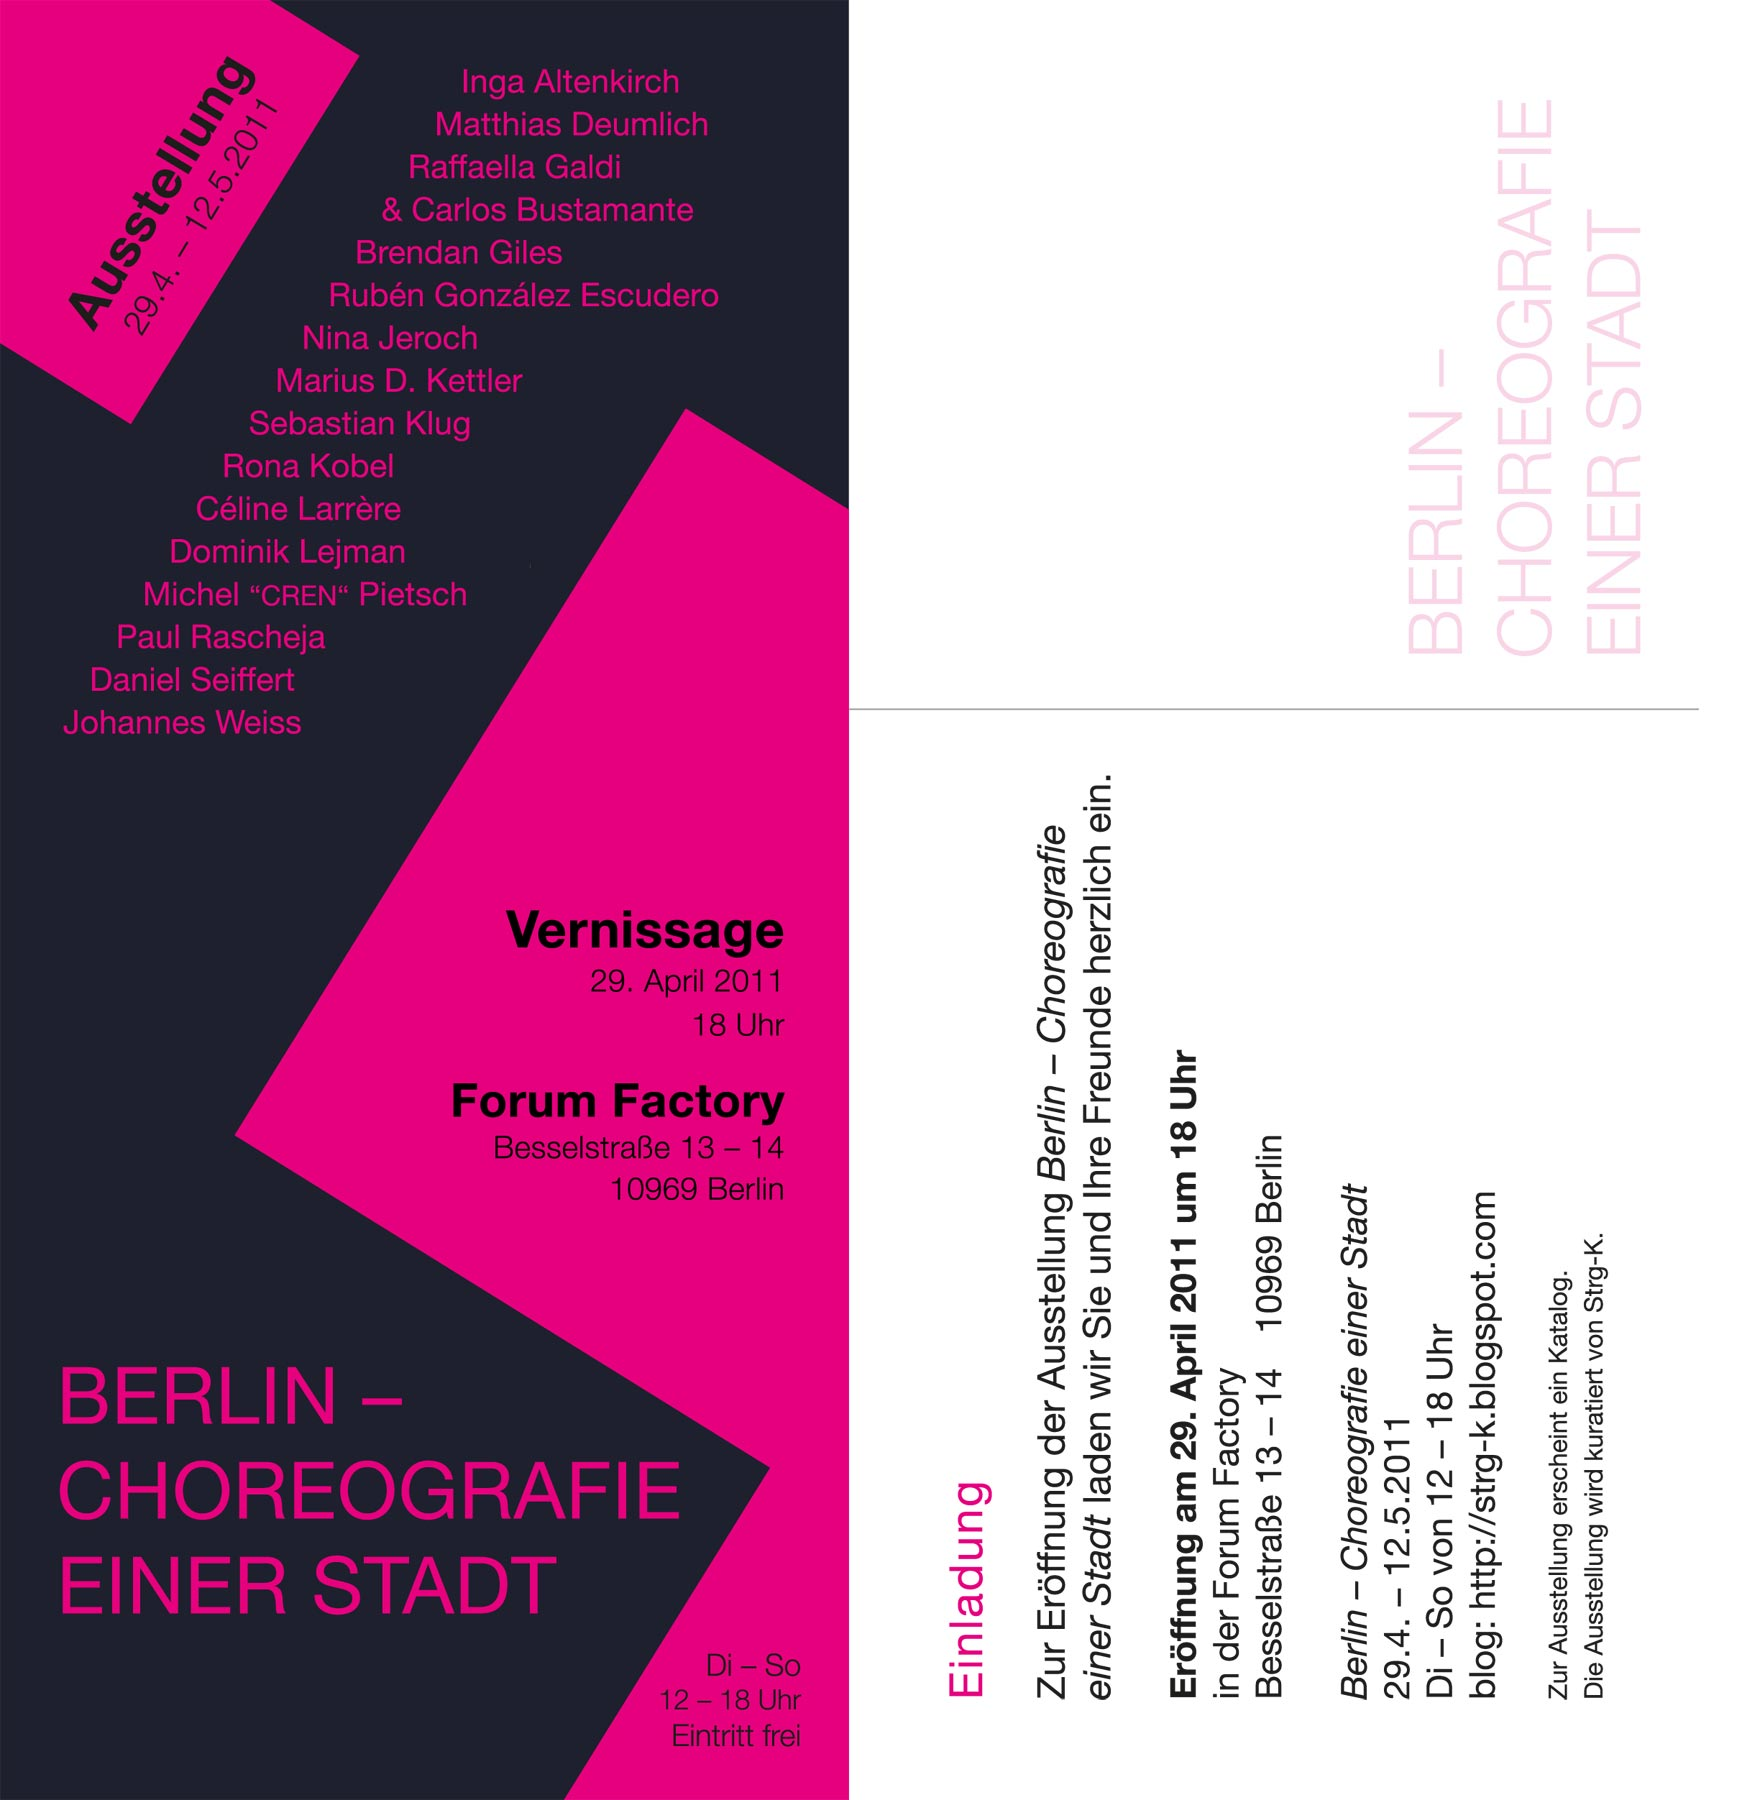 Einladung-Berlin-Choreografie-einer-Stadt-1